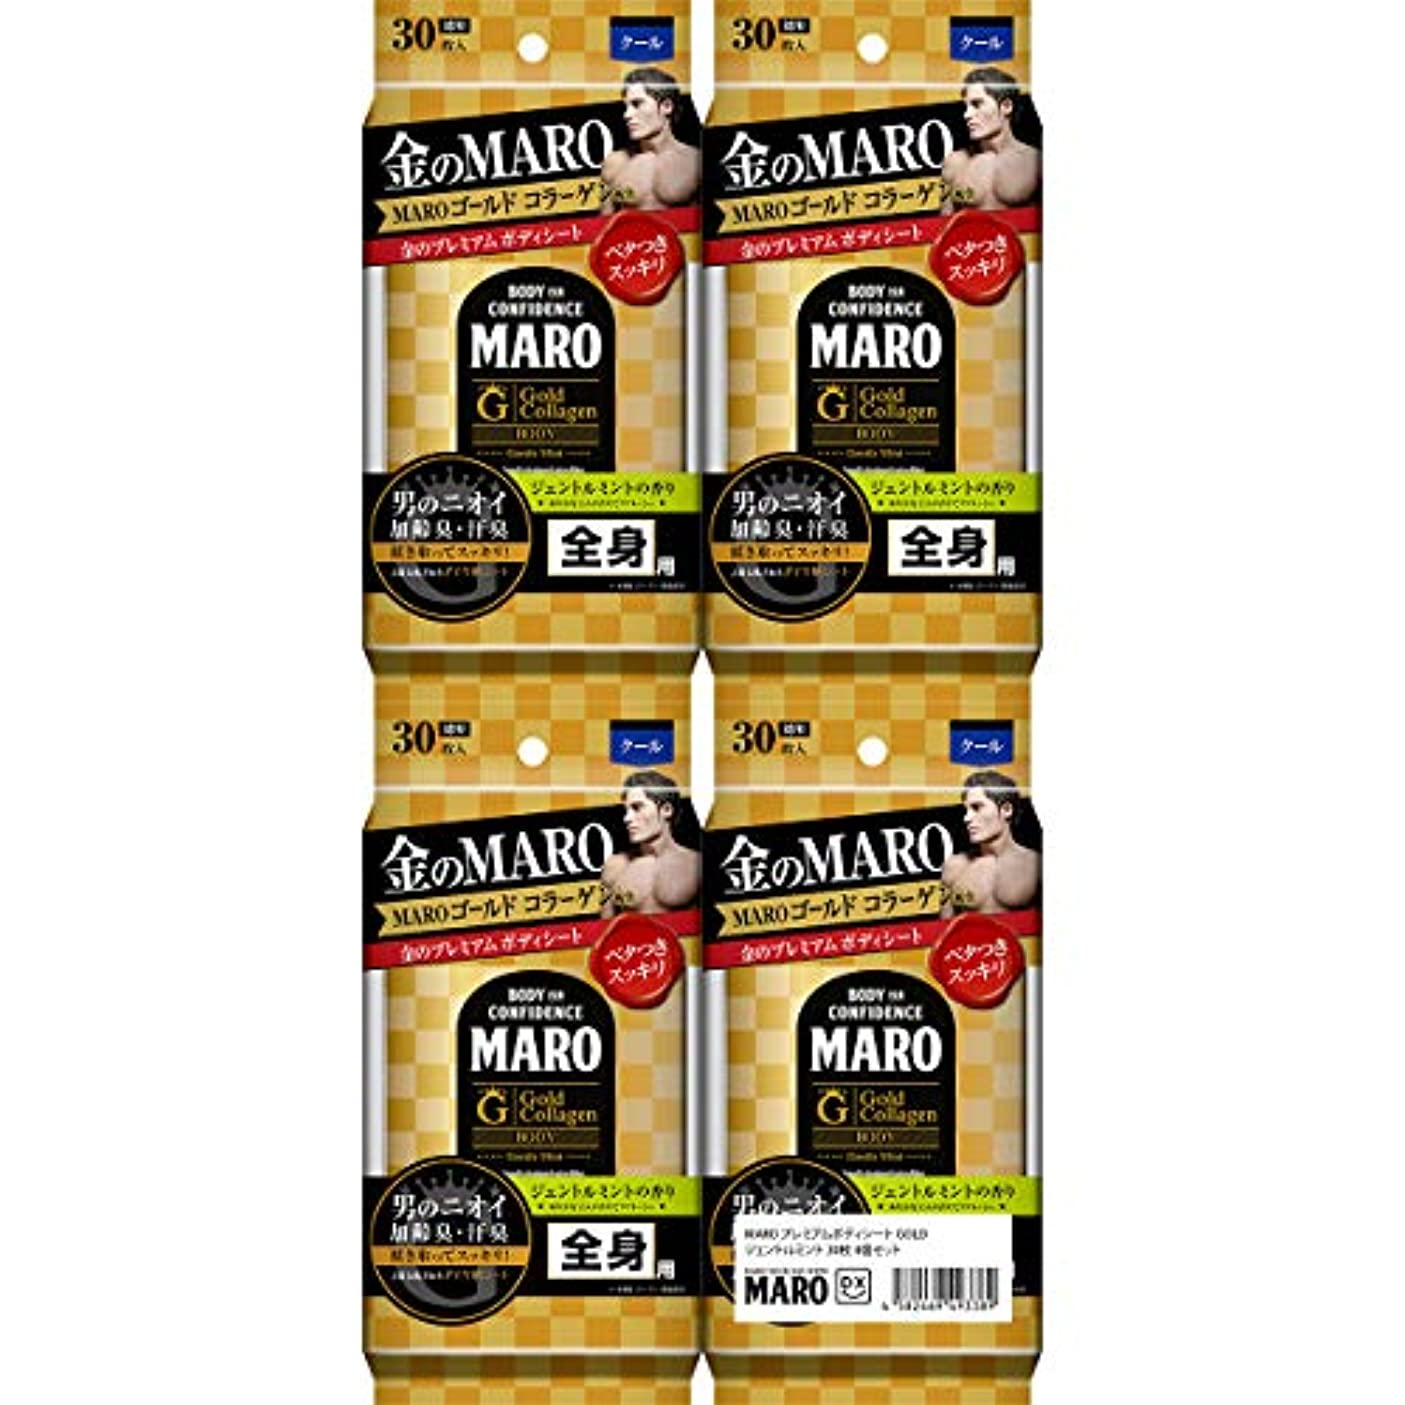 悲鳴解釈的コーデリア[Amazon限定ブランド] MARO DX デオドラント ボディシート GOLD ジェントルミントの香り 30枚×4